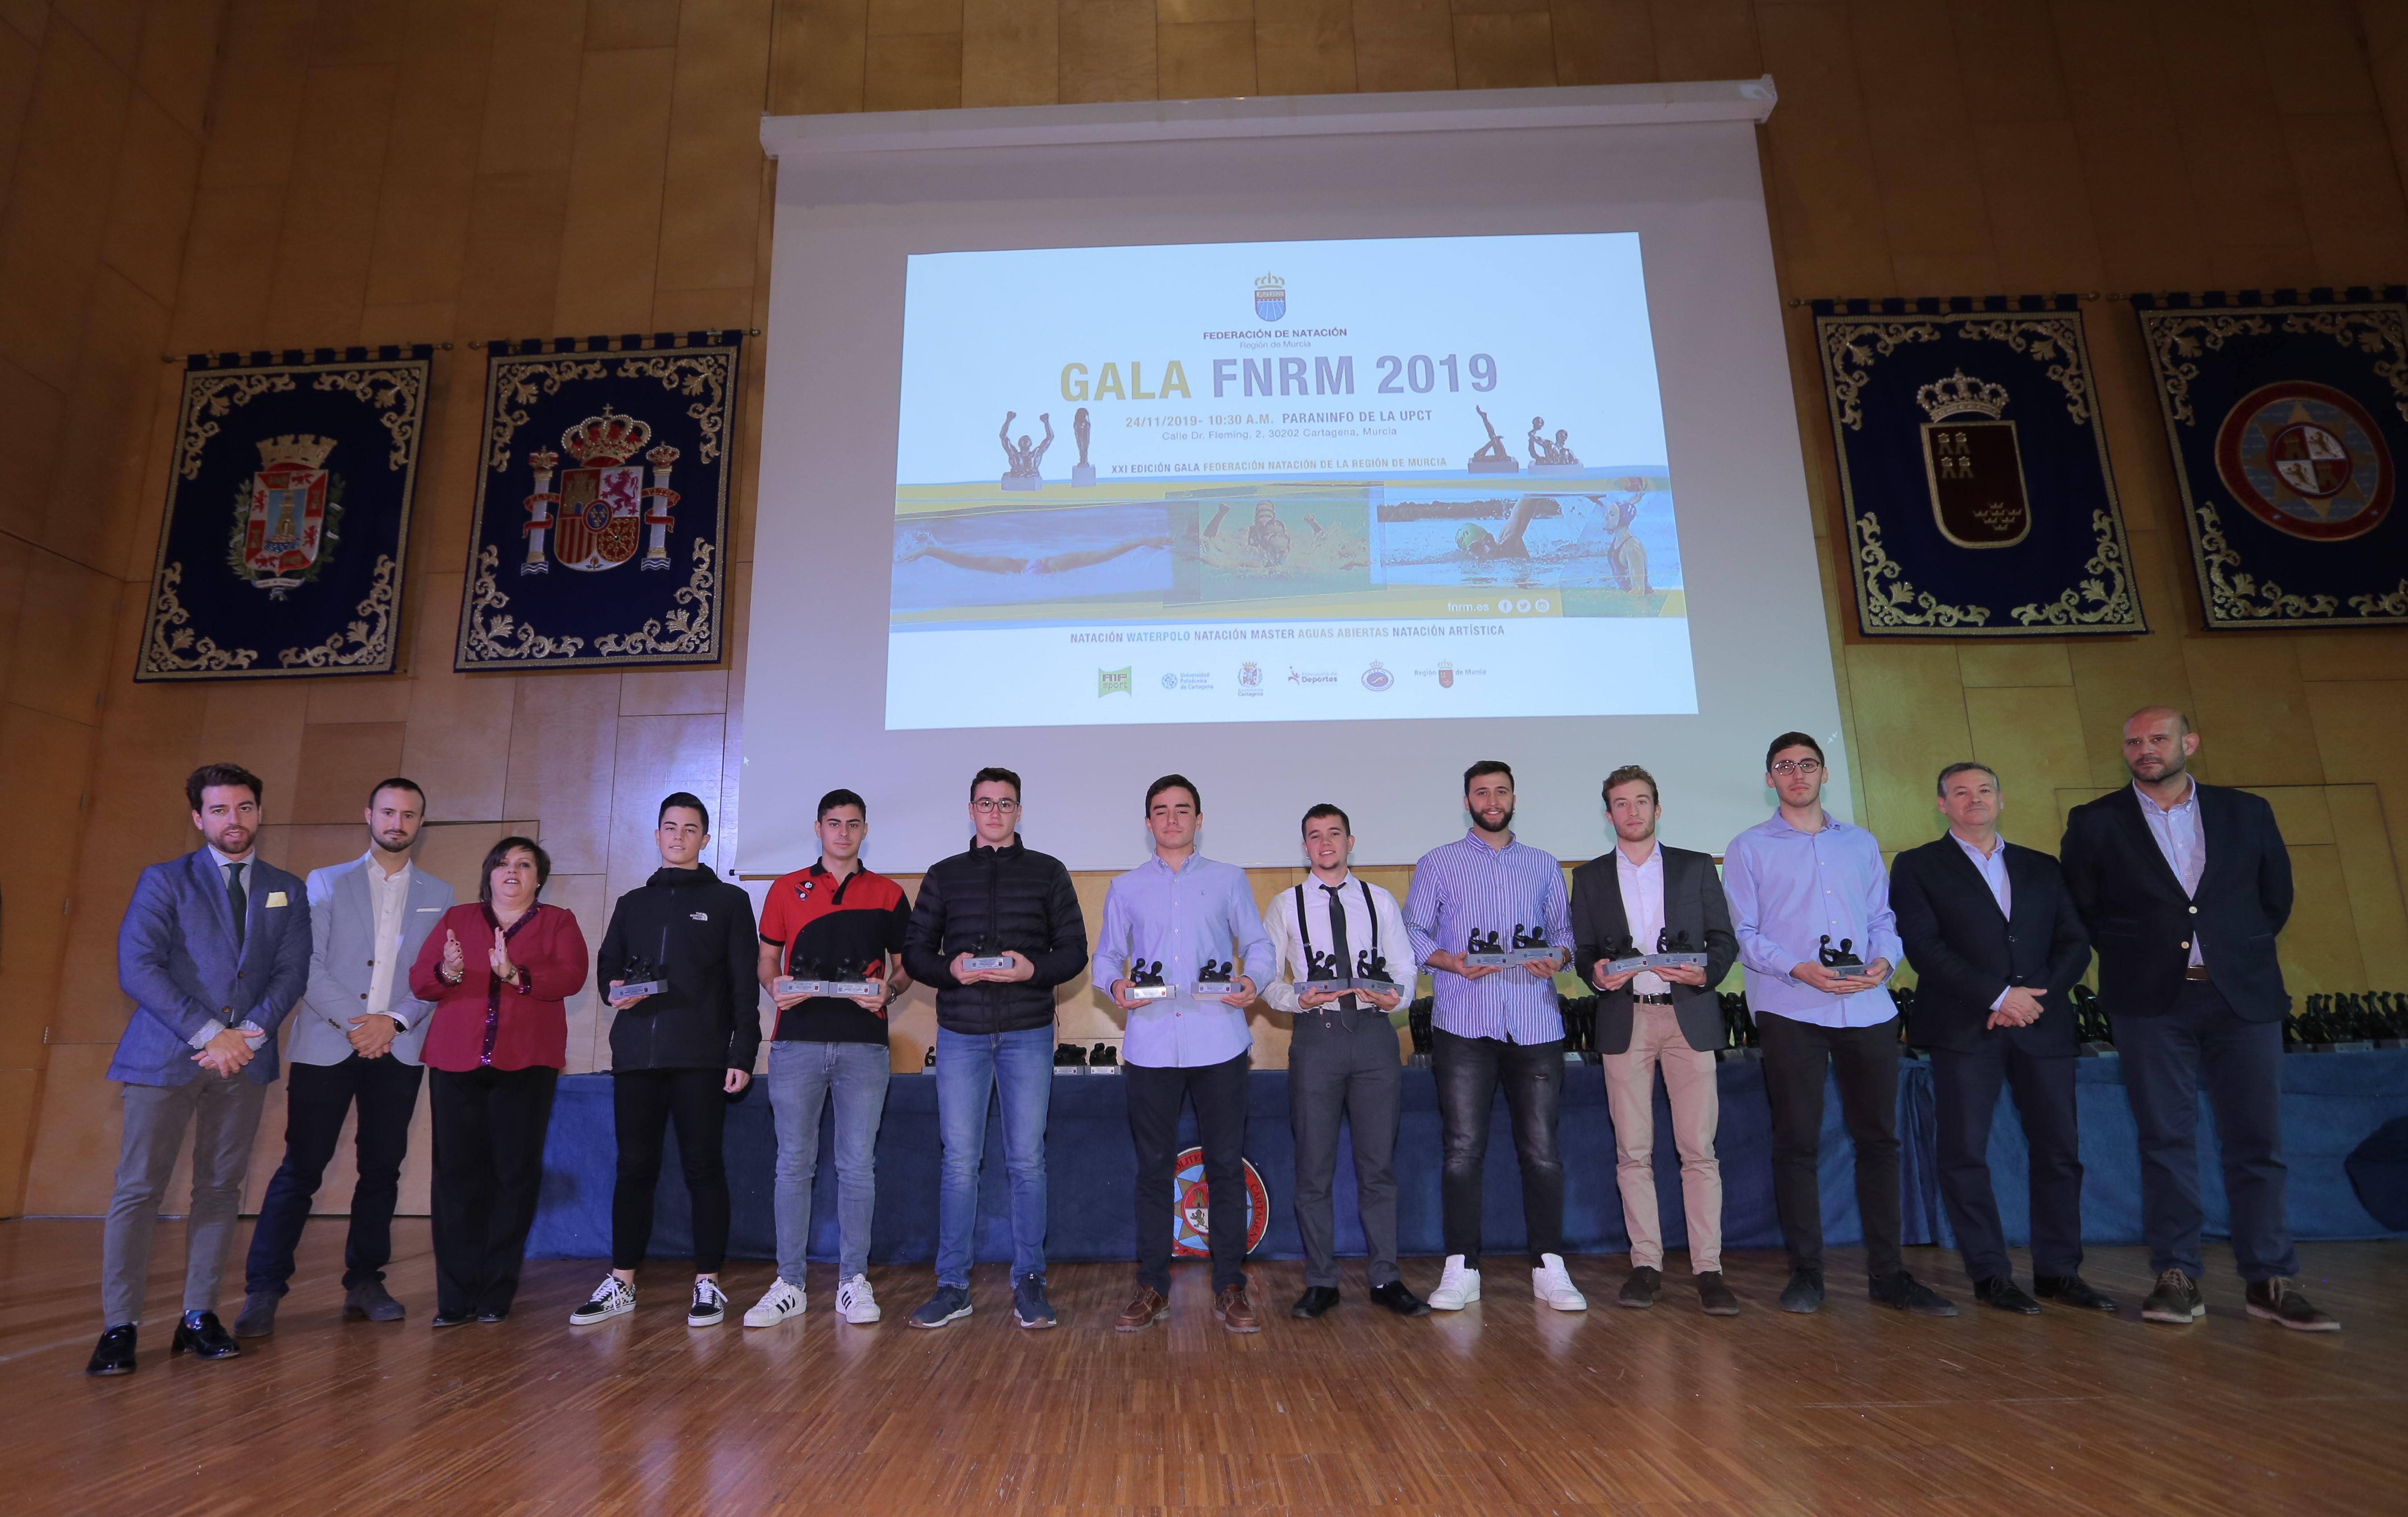 GALA FNRM 2019 (39)